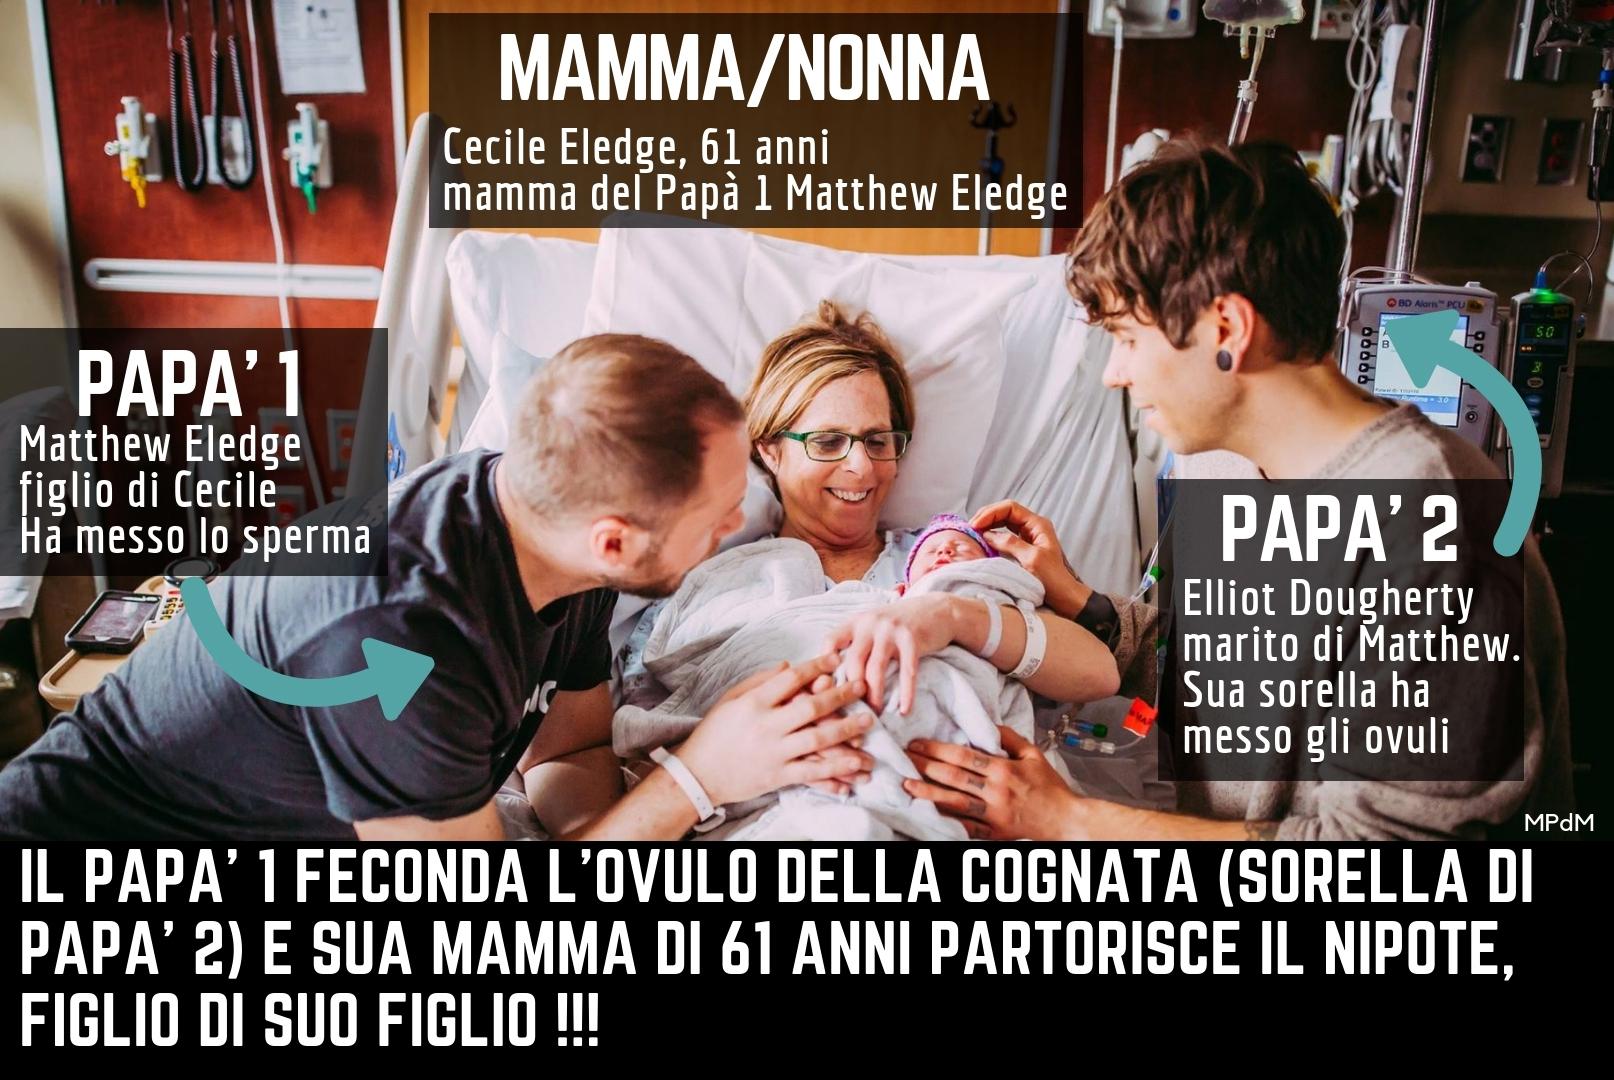 Nonna_mamma